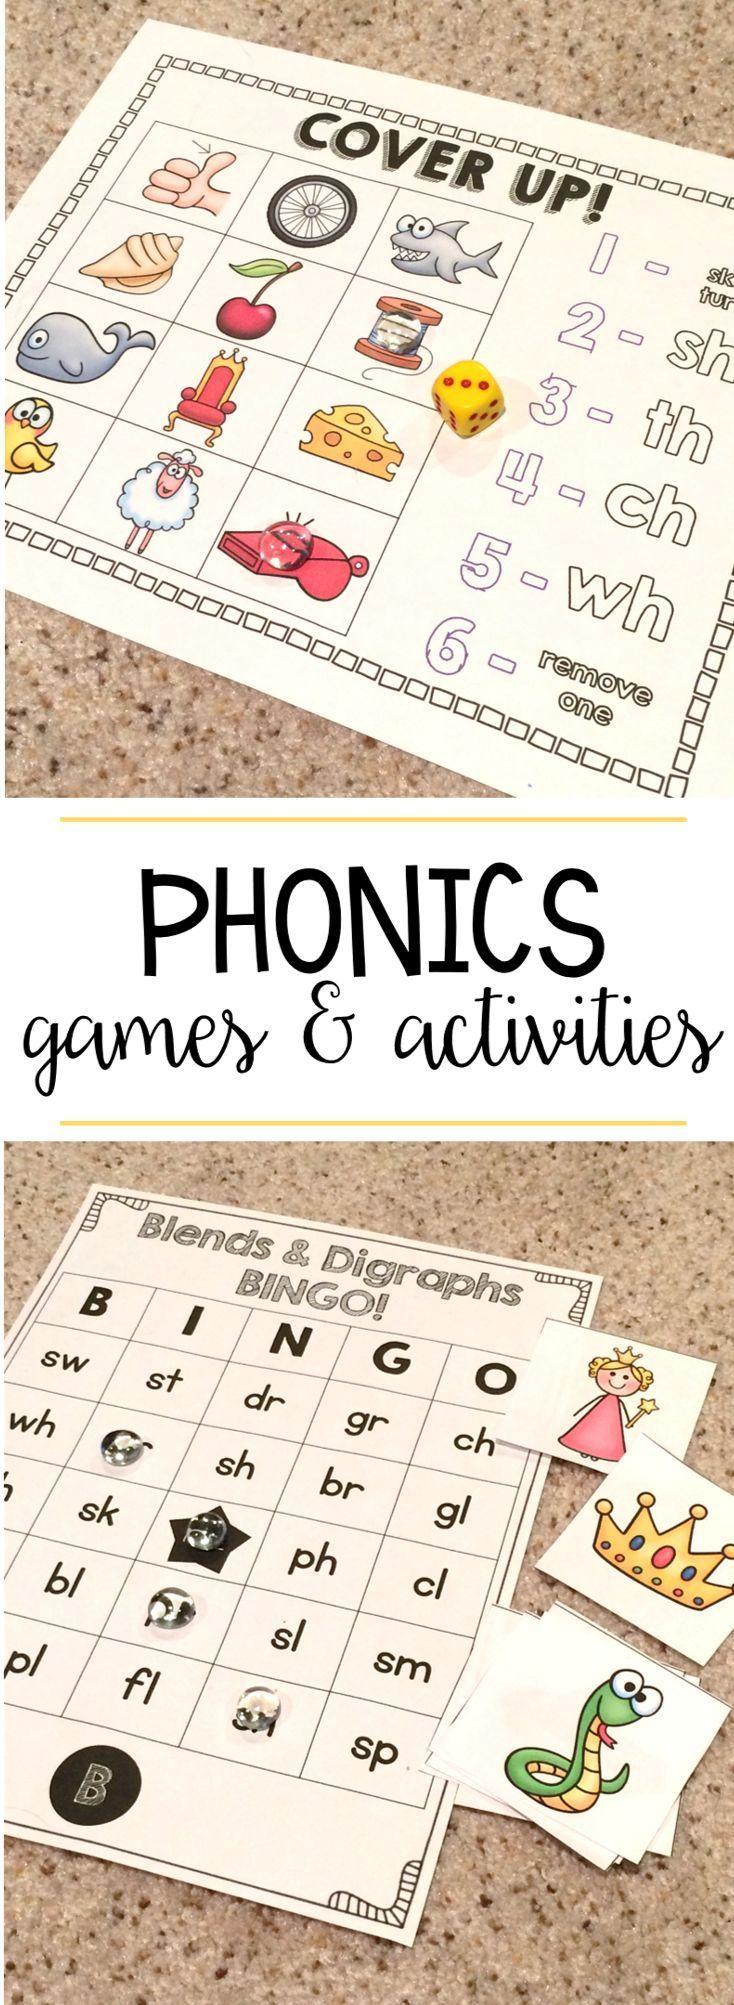 Game maker color blend - Phonics Games Digraphs Blends Short Long Vowels